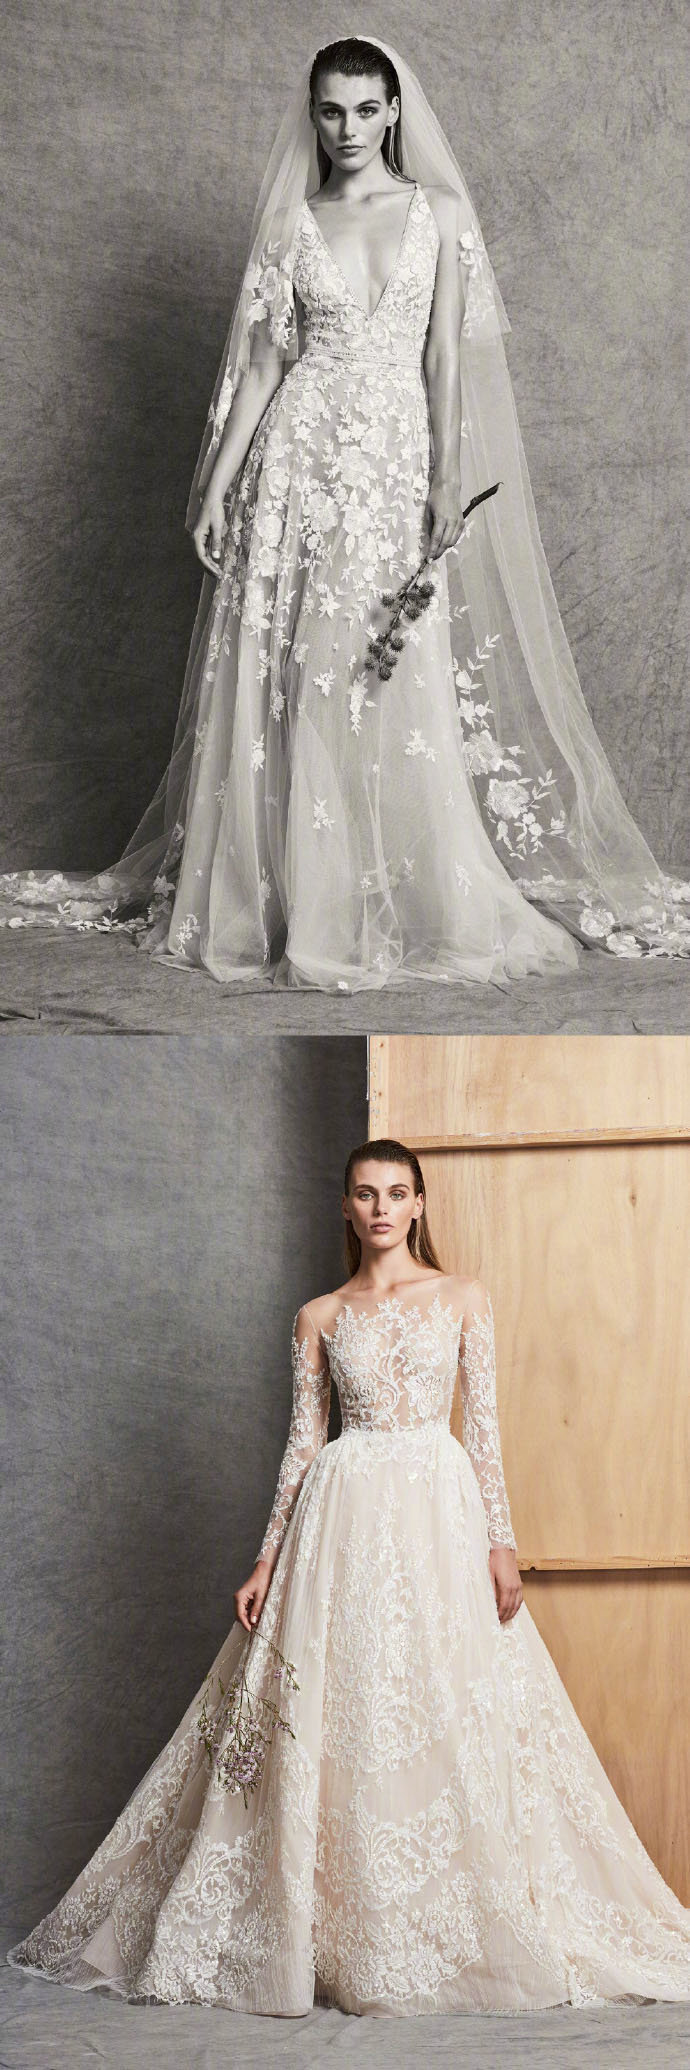 绝美婚纱合集,鱼尾裙摆的婚纱礼服近几年非常流行